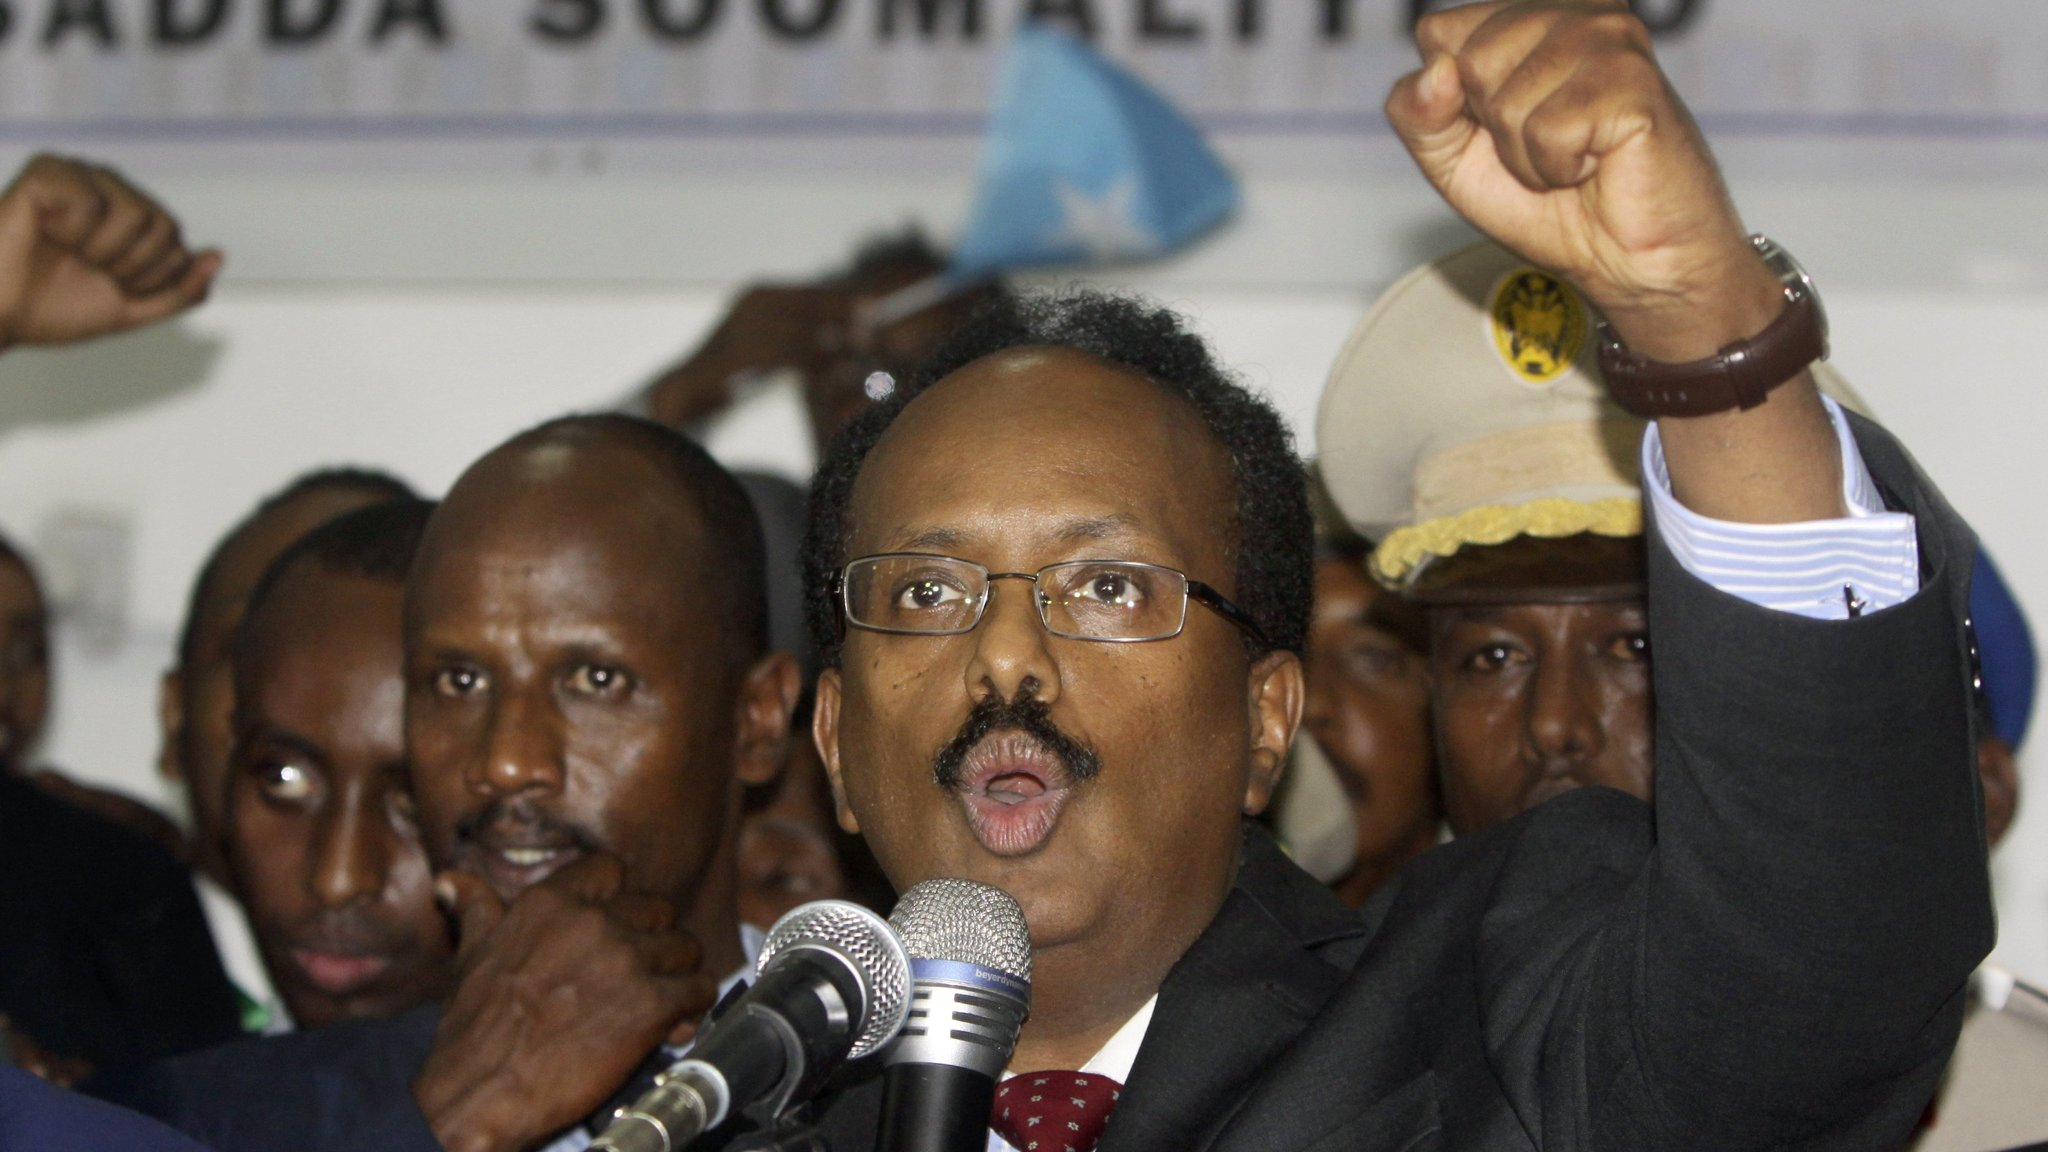 Somalia's President Mohamed takes power in fragile state | Financial